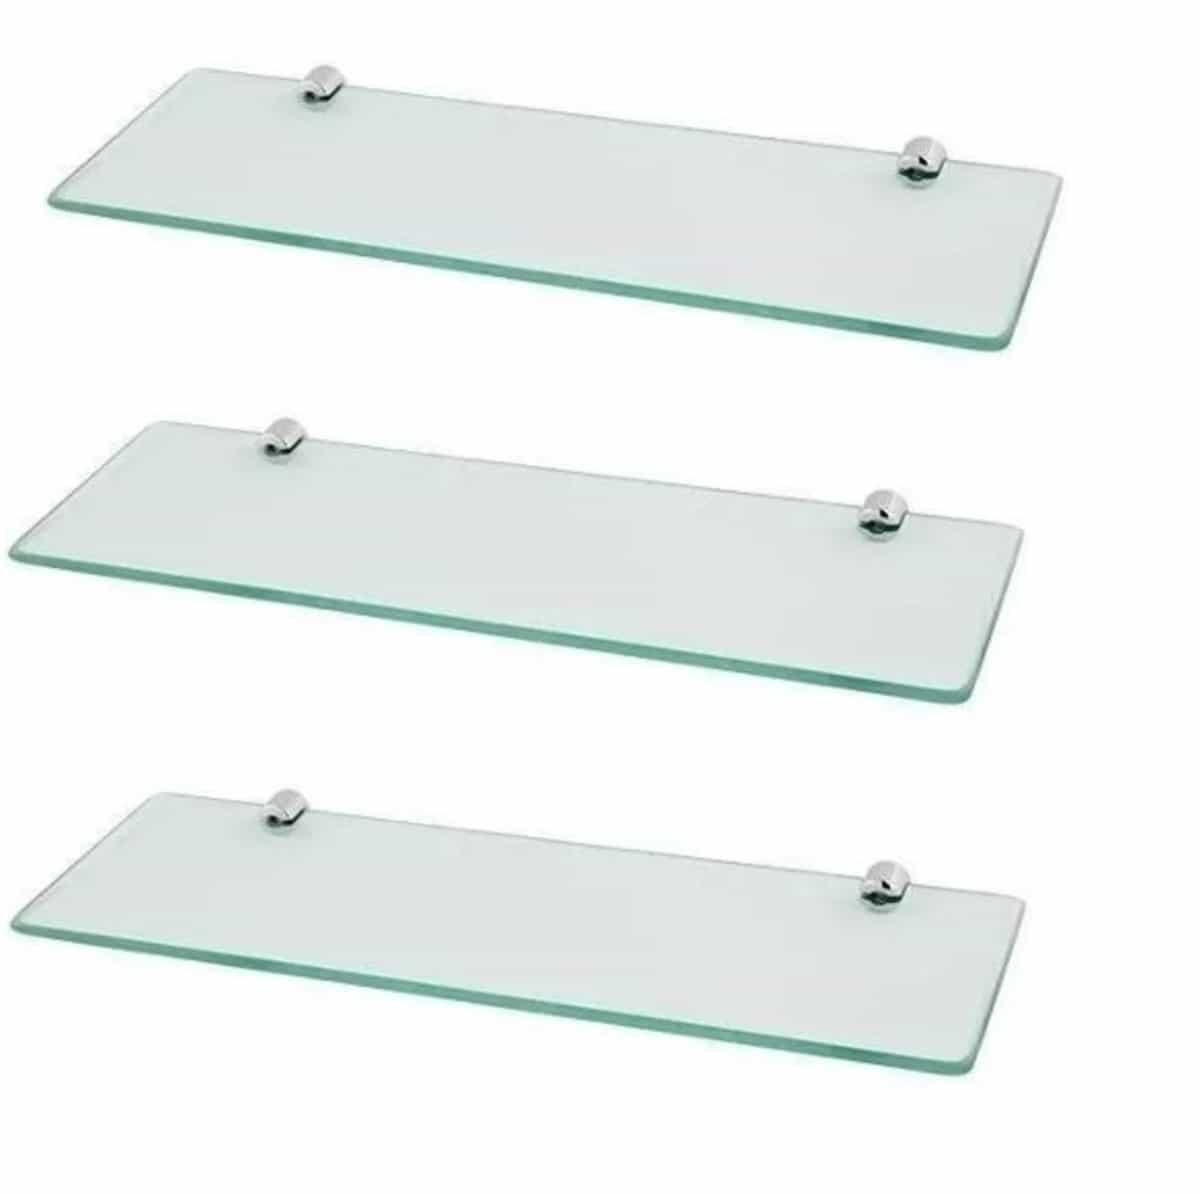 Prateleiras com suporte de fenda com vidro de 8 mm, lapidado.